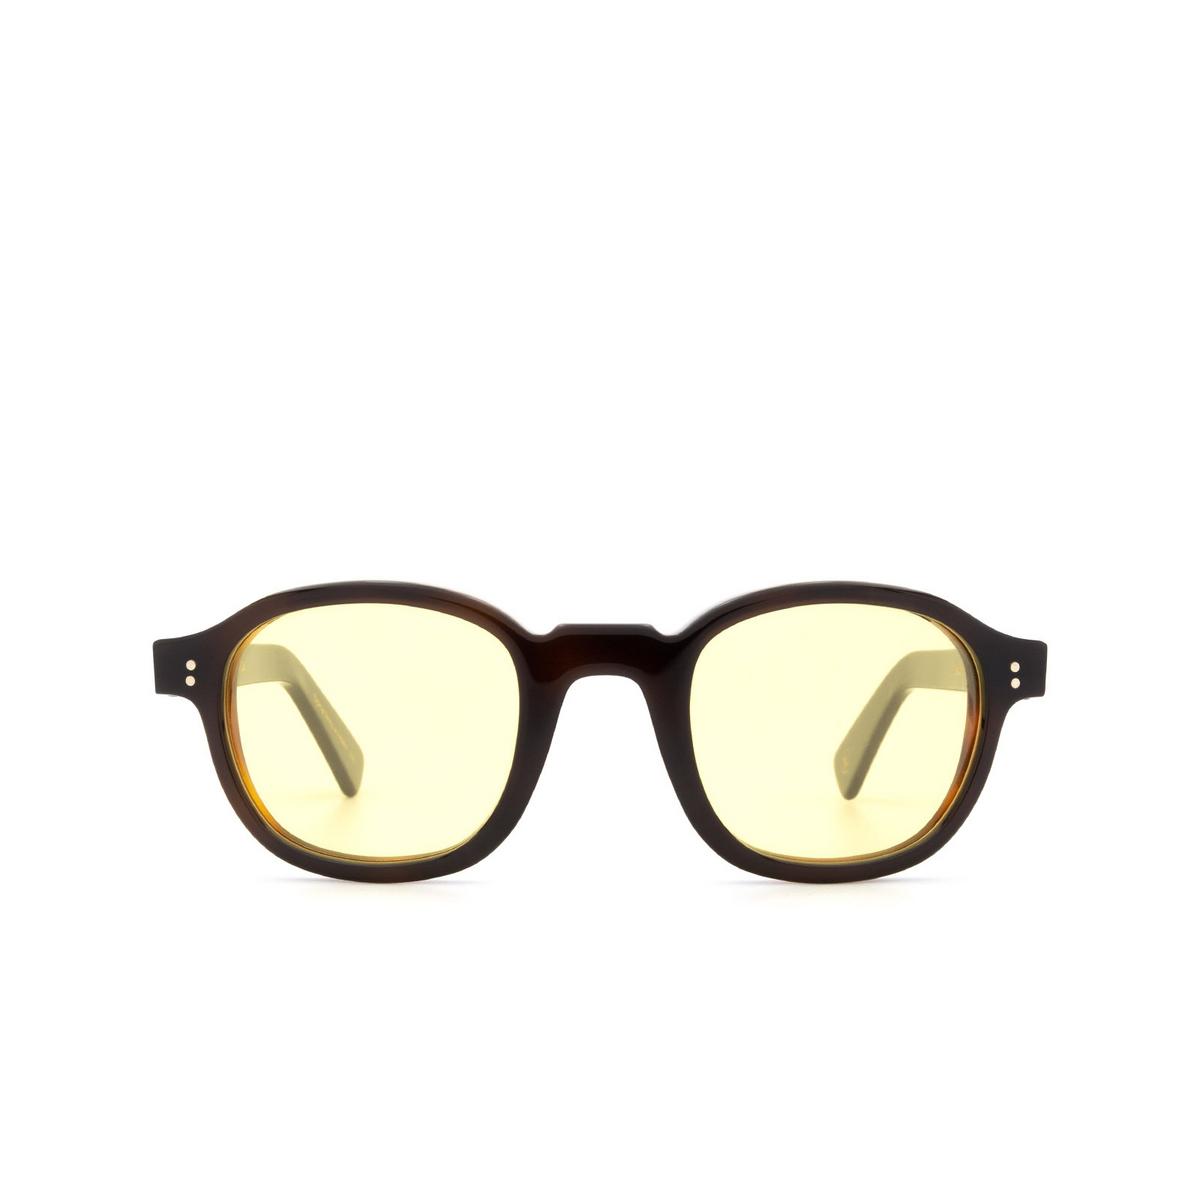 Lesca® Square Sunglasses: BRUT PANTO 8MM color Black & Brown 20.